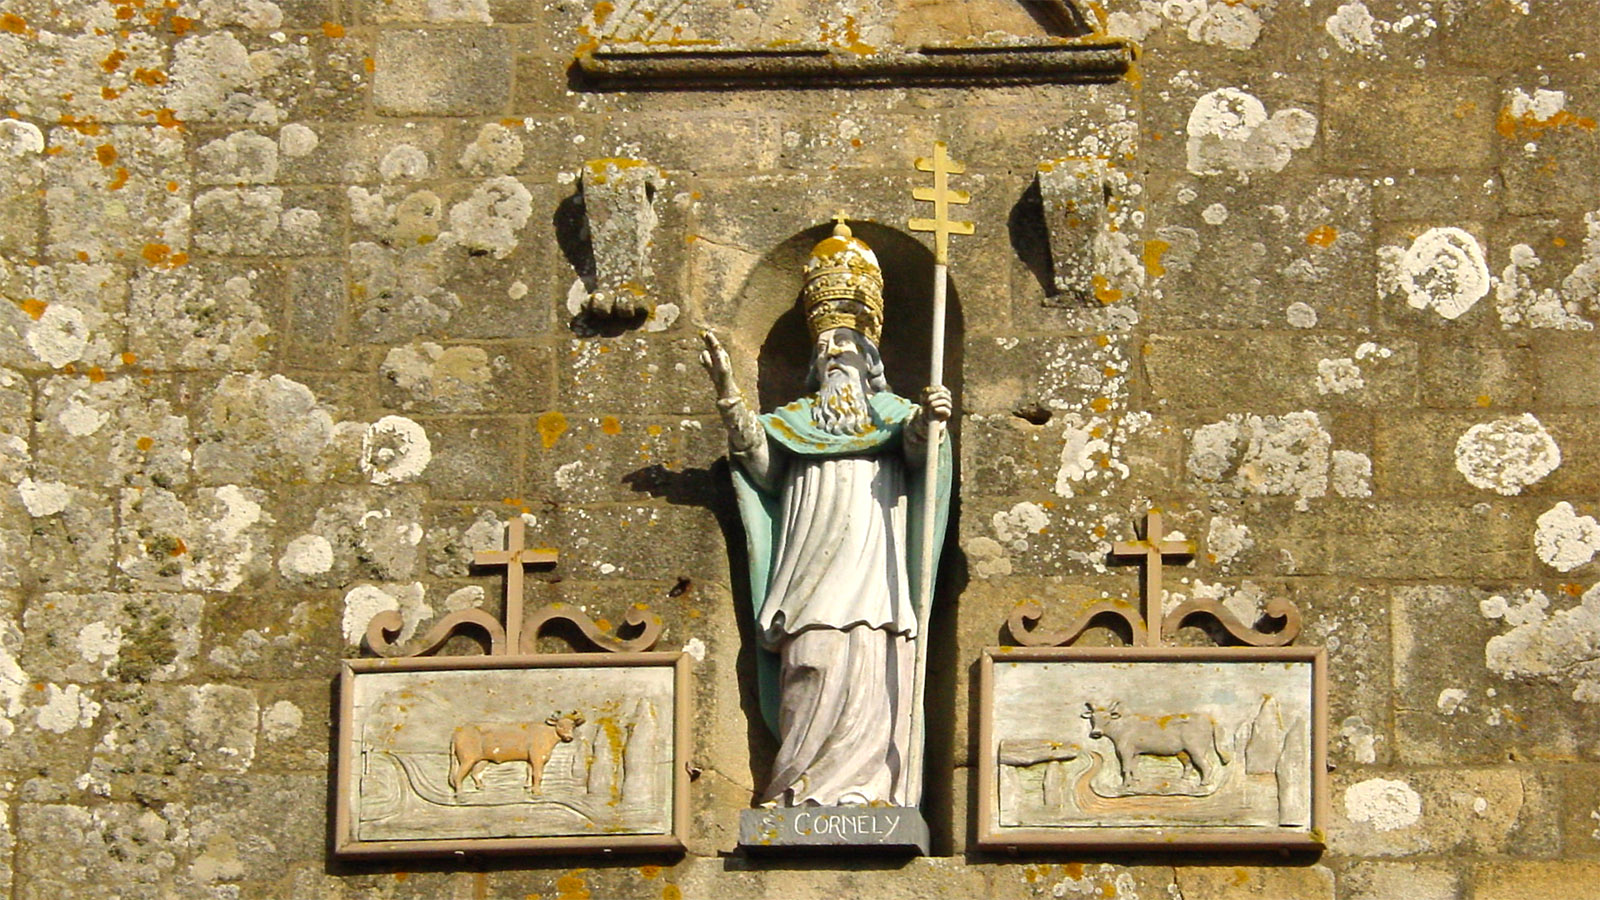 Bretagne/Carnac/Kirche St-Cornély: Die Kirche dem heiligen Cornelius geweiht, dem Schutzpatron des Hornviehs. Zwei Ochsen flankieren die Statue des Heiligen über dem Haupteingang der Kirche. Foto: Hilke Maunder